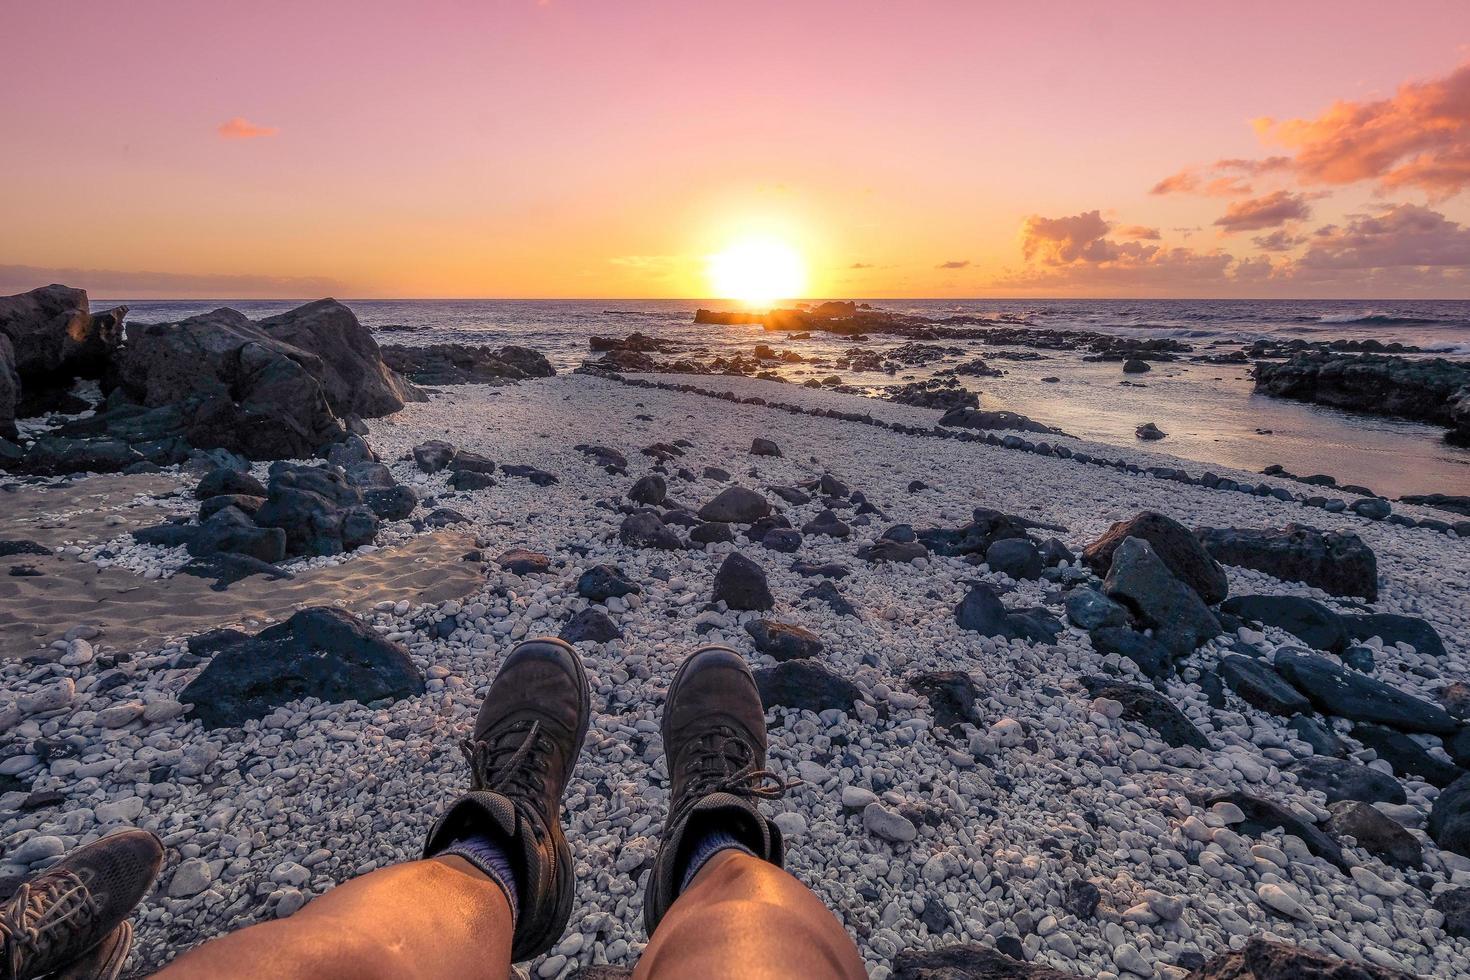 personne assise à la mer au coucher du soleil photo